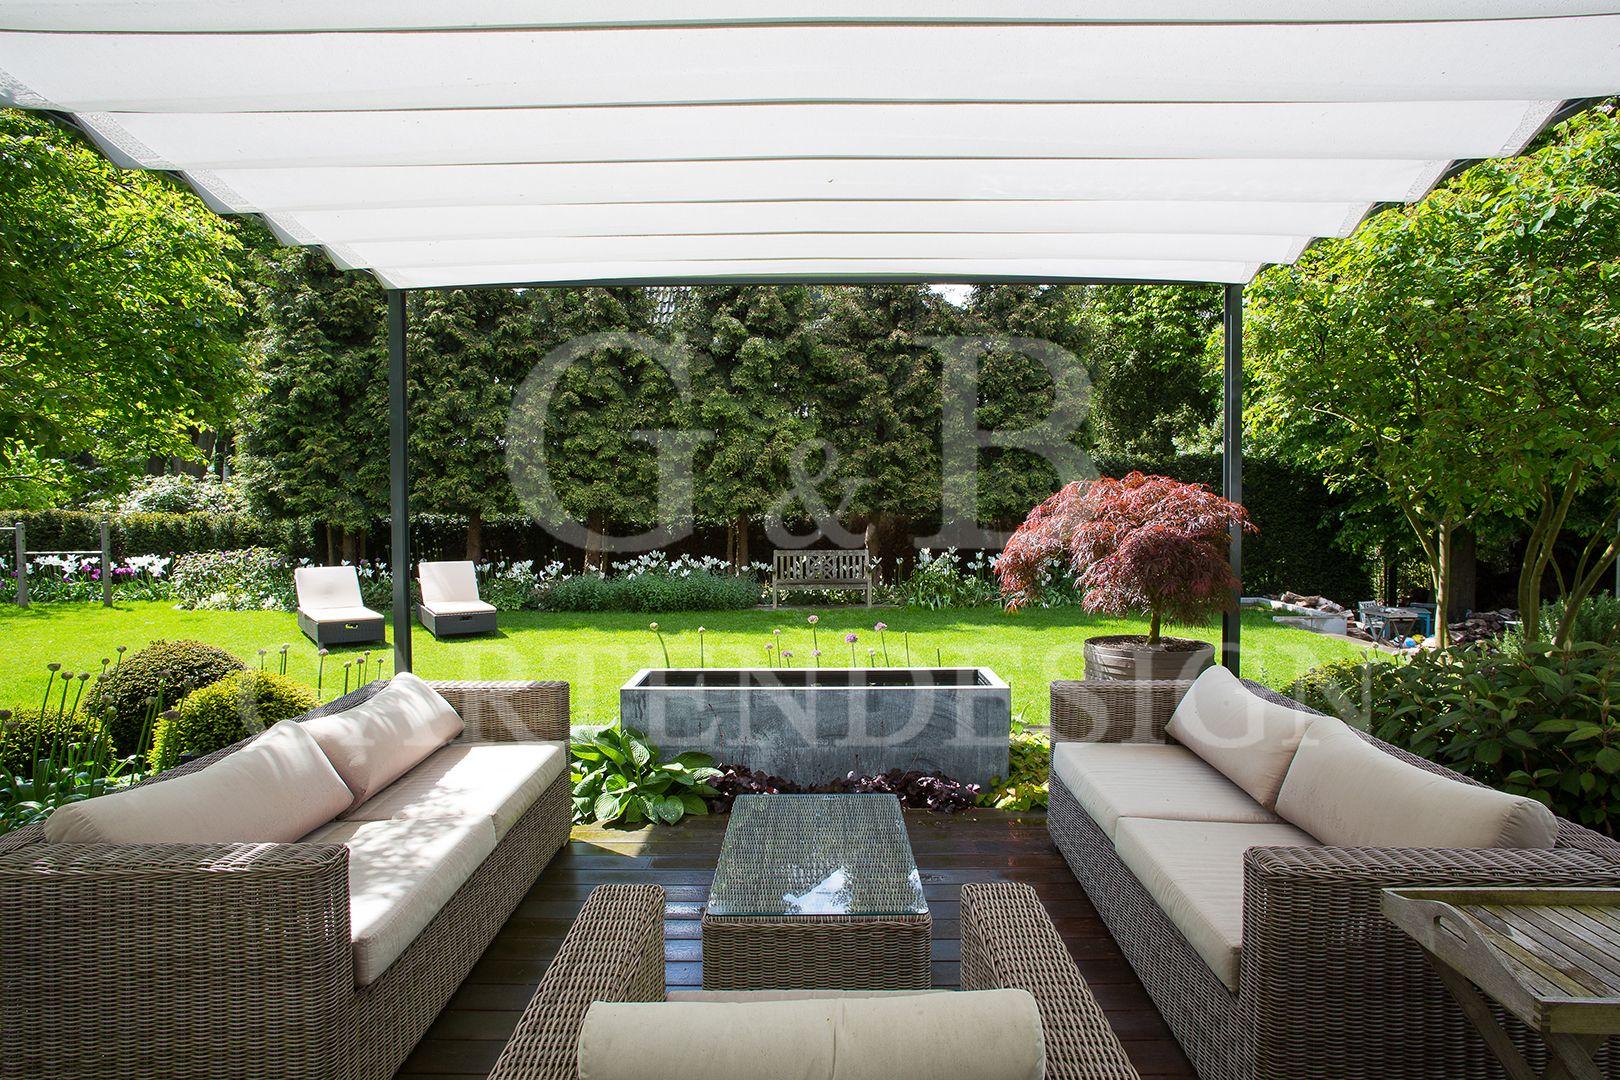 Gartengestaltung / Terrassengestaltung Mit Gartenmöbeln Hamburg:  Überdachter Sitzplatz Mit Loungemöbeln Und Wasserspiel #garden #